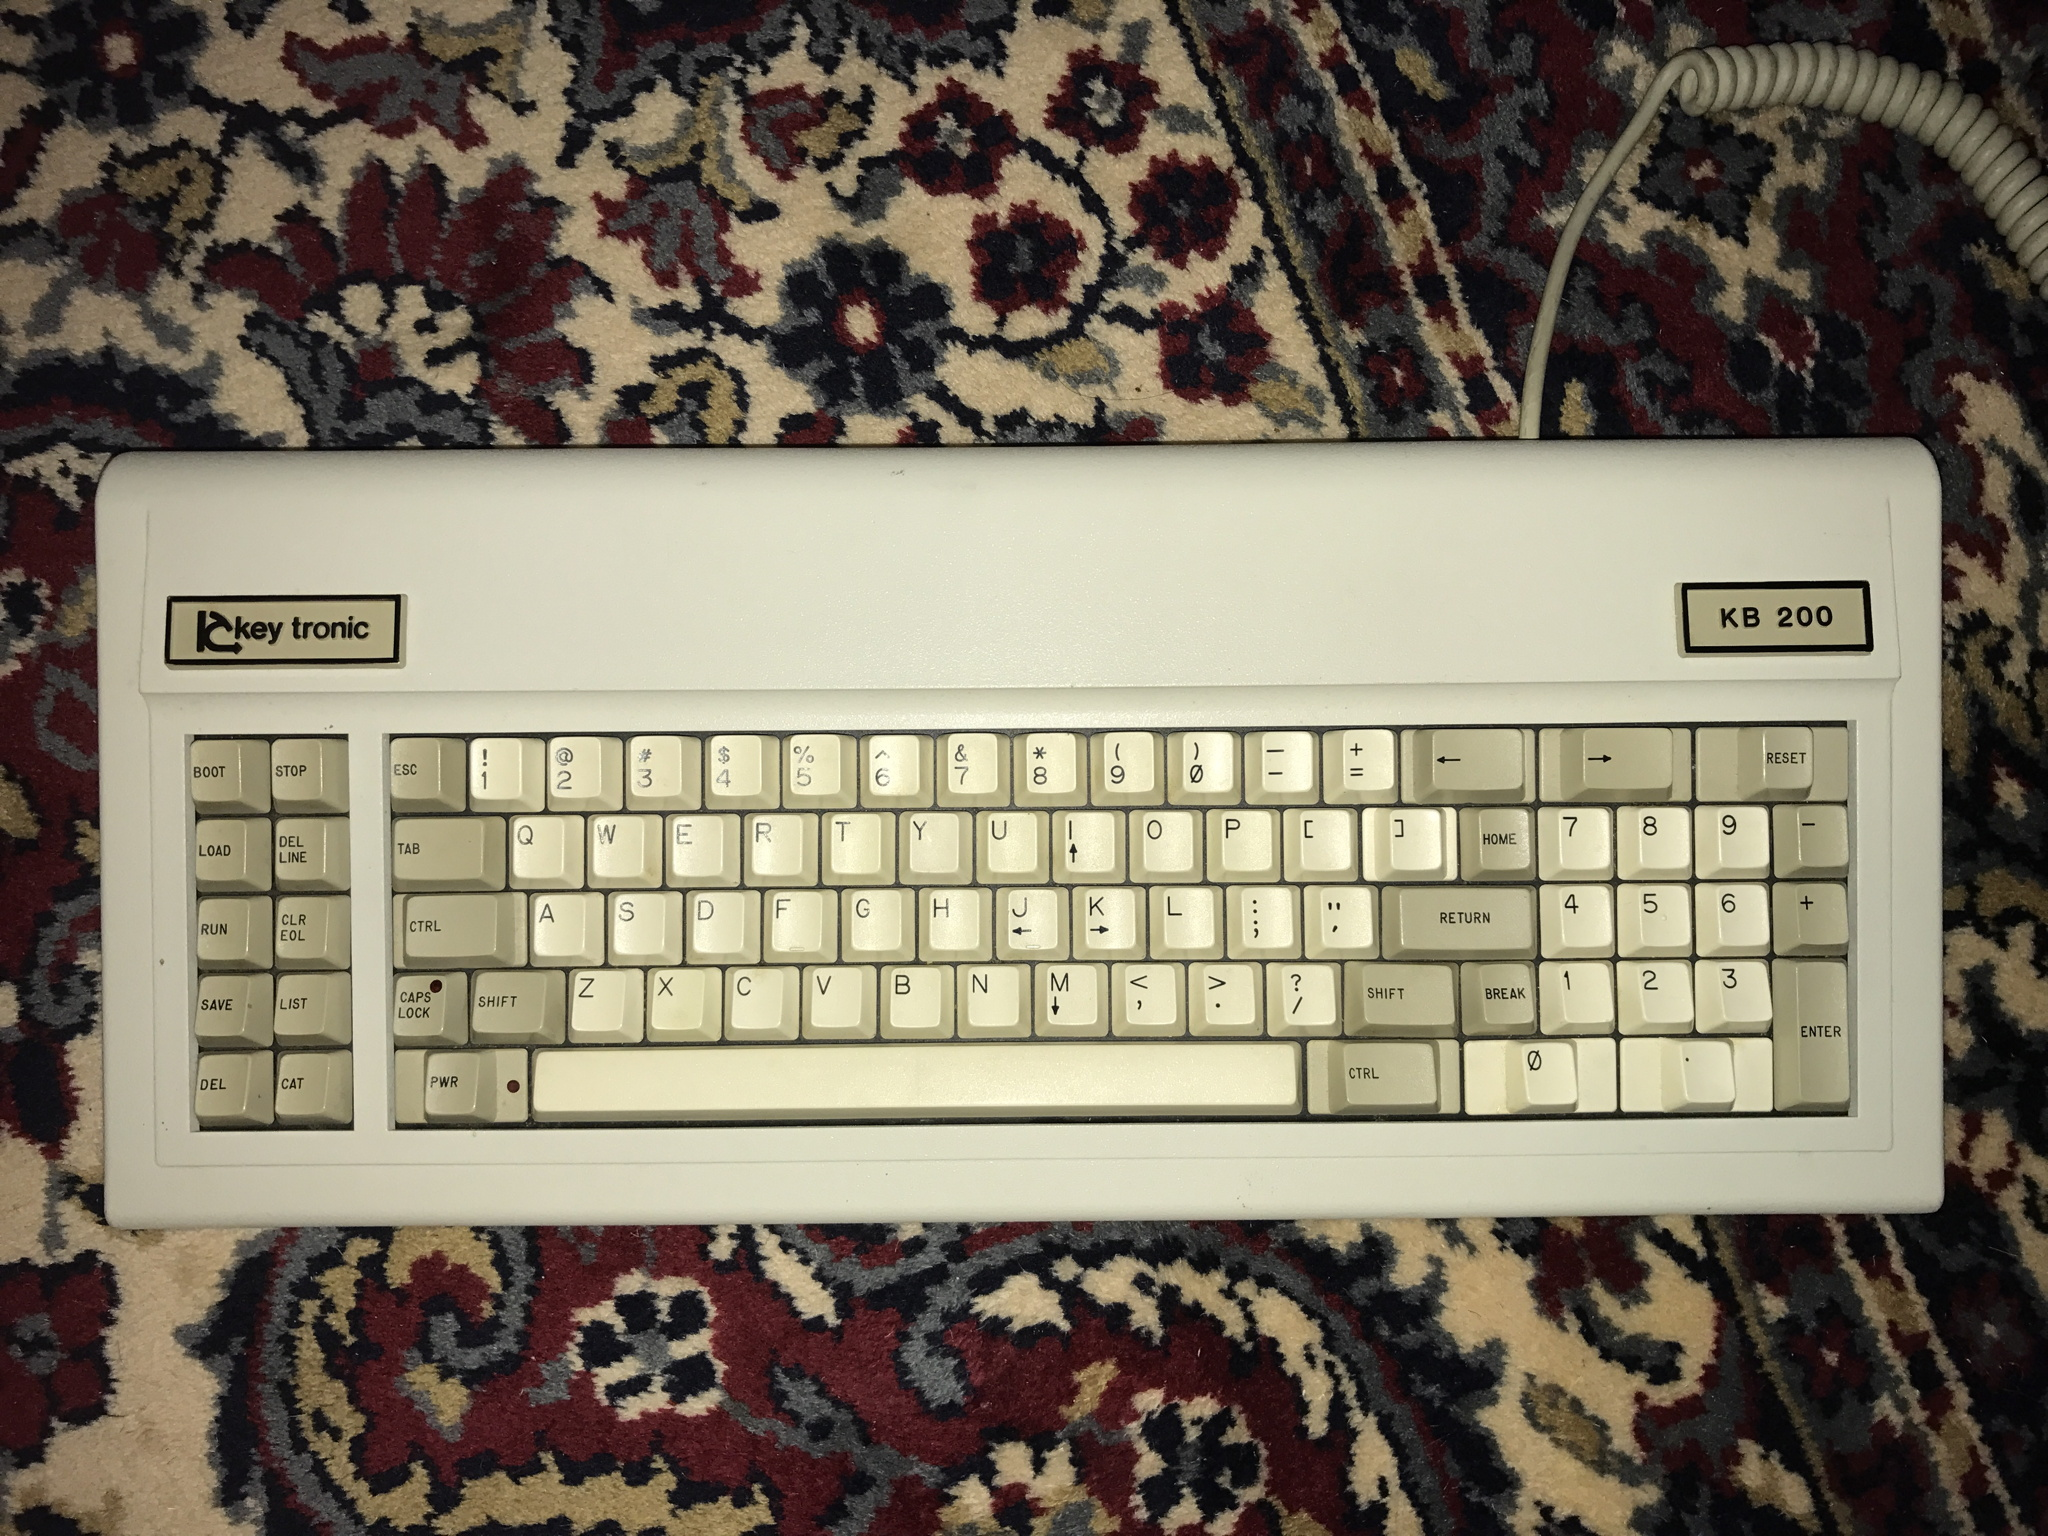 keytronic kb 200 external keyboard for apple ii ii applefritter. Black Bedroom Furniture Sets. Home Design Ideas